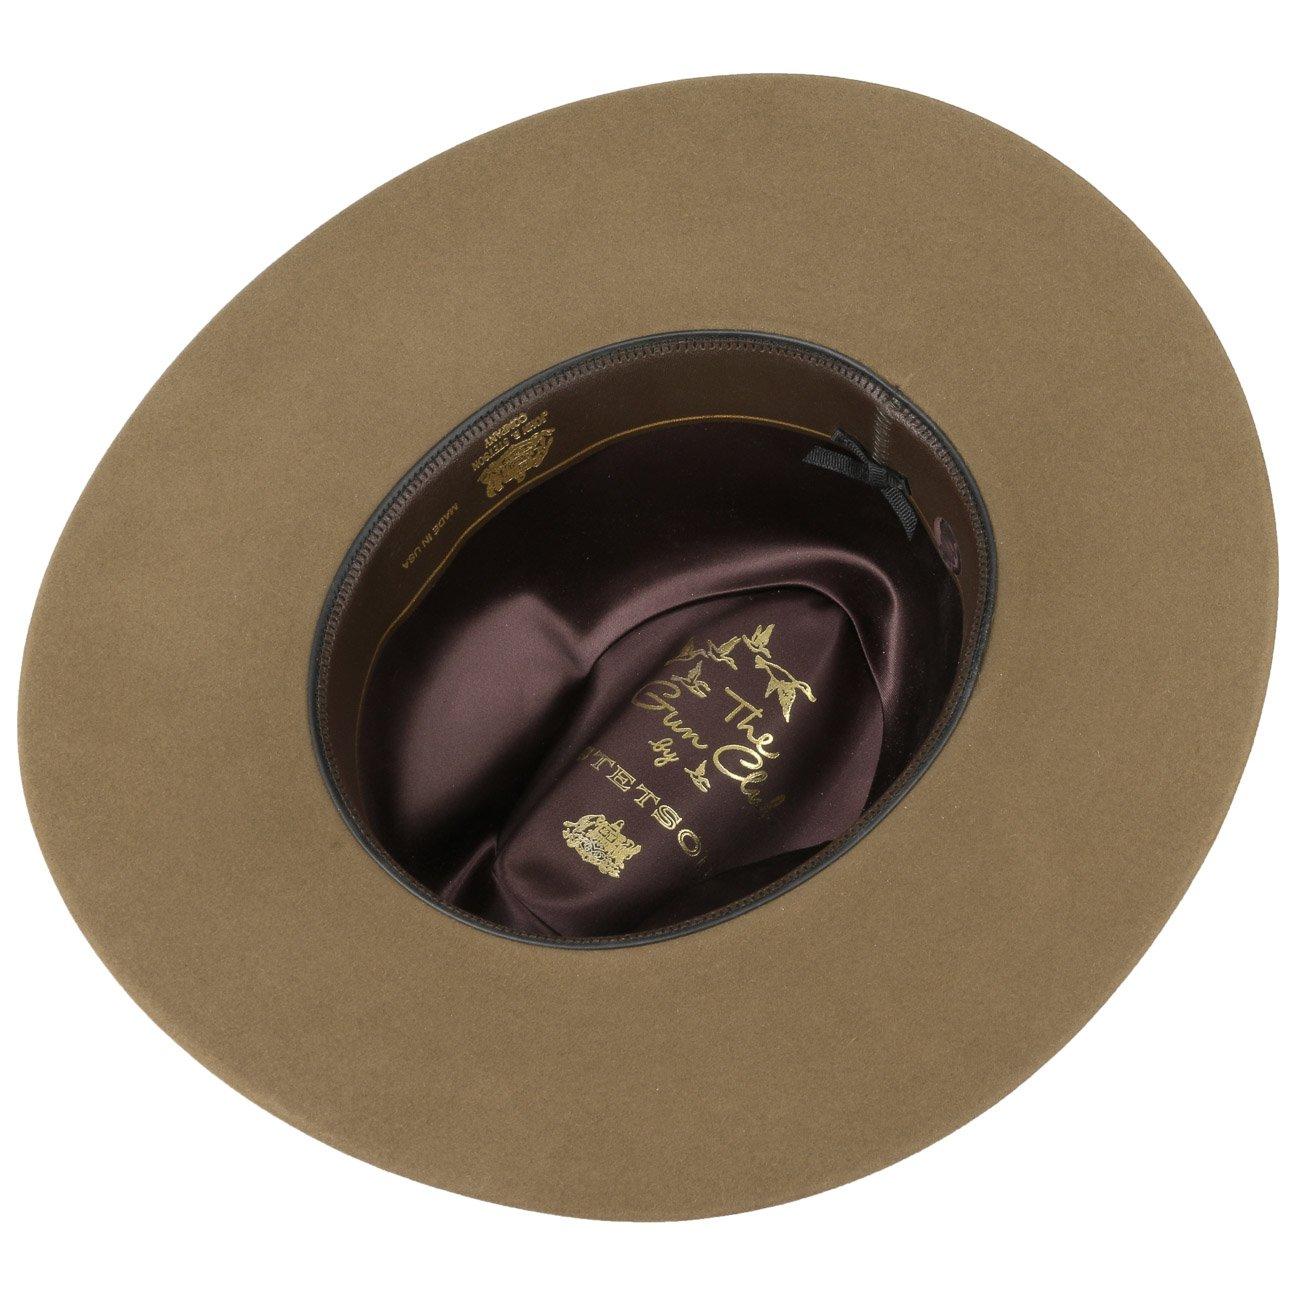 Stetson Sombrero de Vaquero Gunnison Hombre  a794c6fb8bd